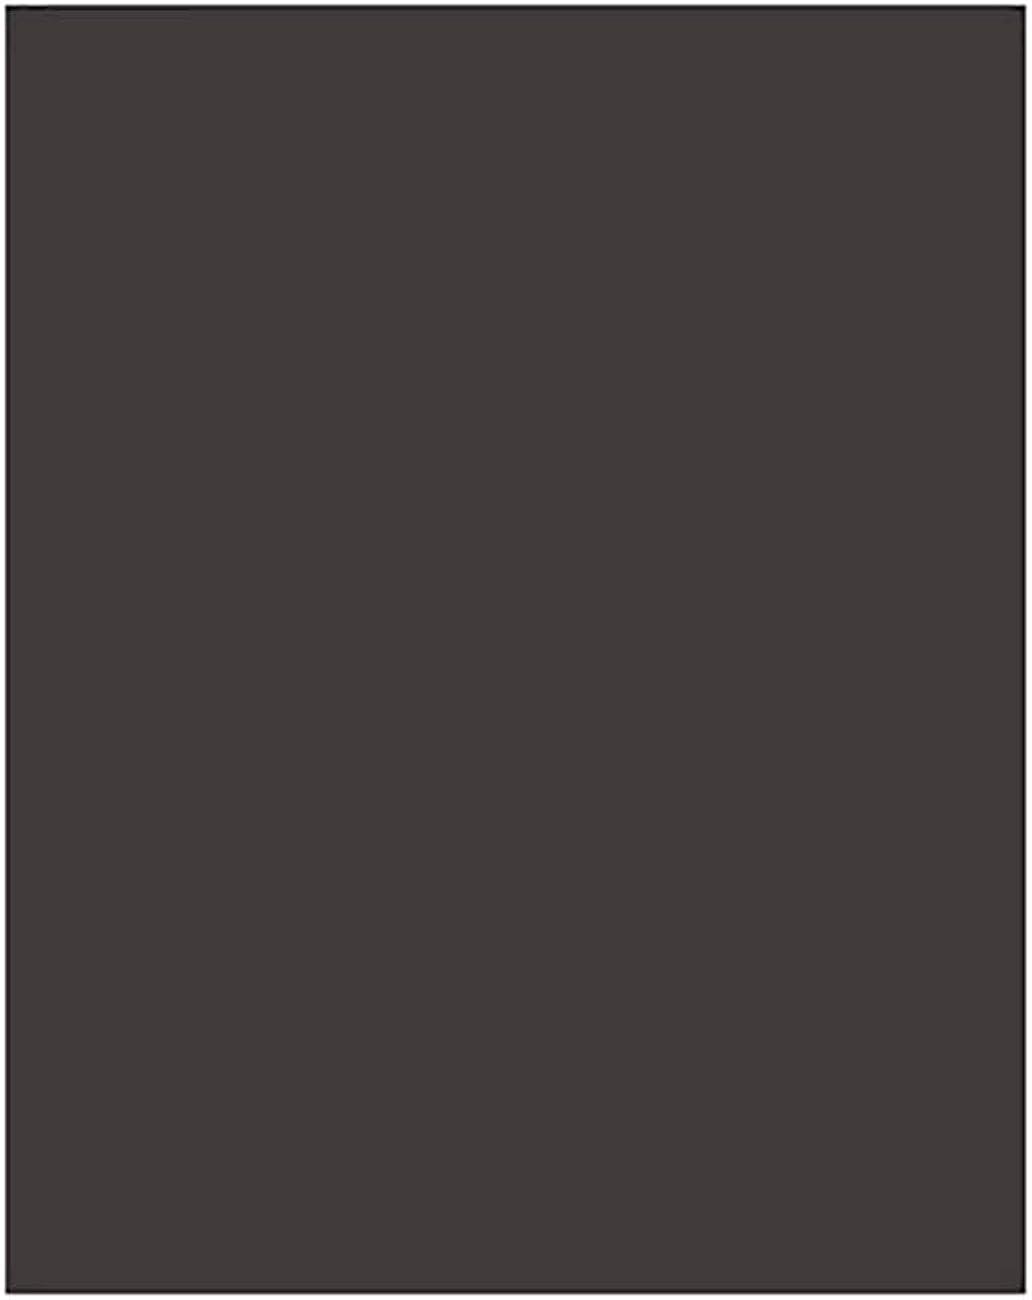 YISEVEN Homme Hiver Gant en Cuir de Daim Chaud Cachemire Doubl/és de Luxe Cerf Veritable Conduite de moto travail Coffret Cadeau Nouvel